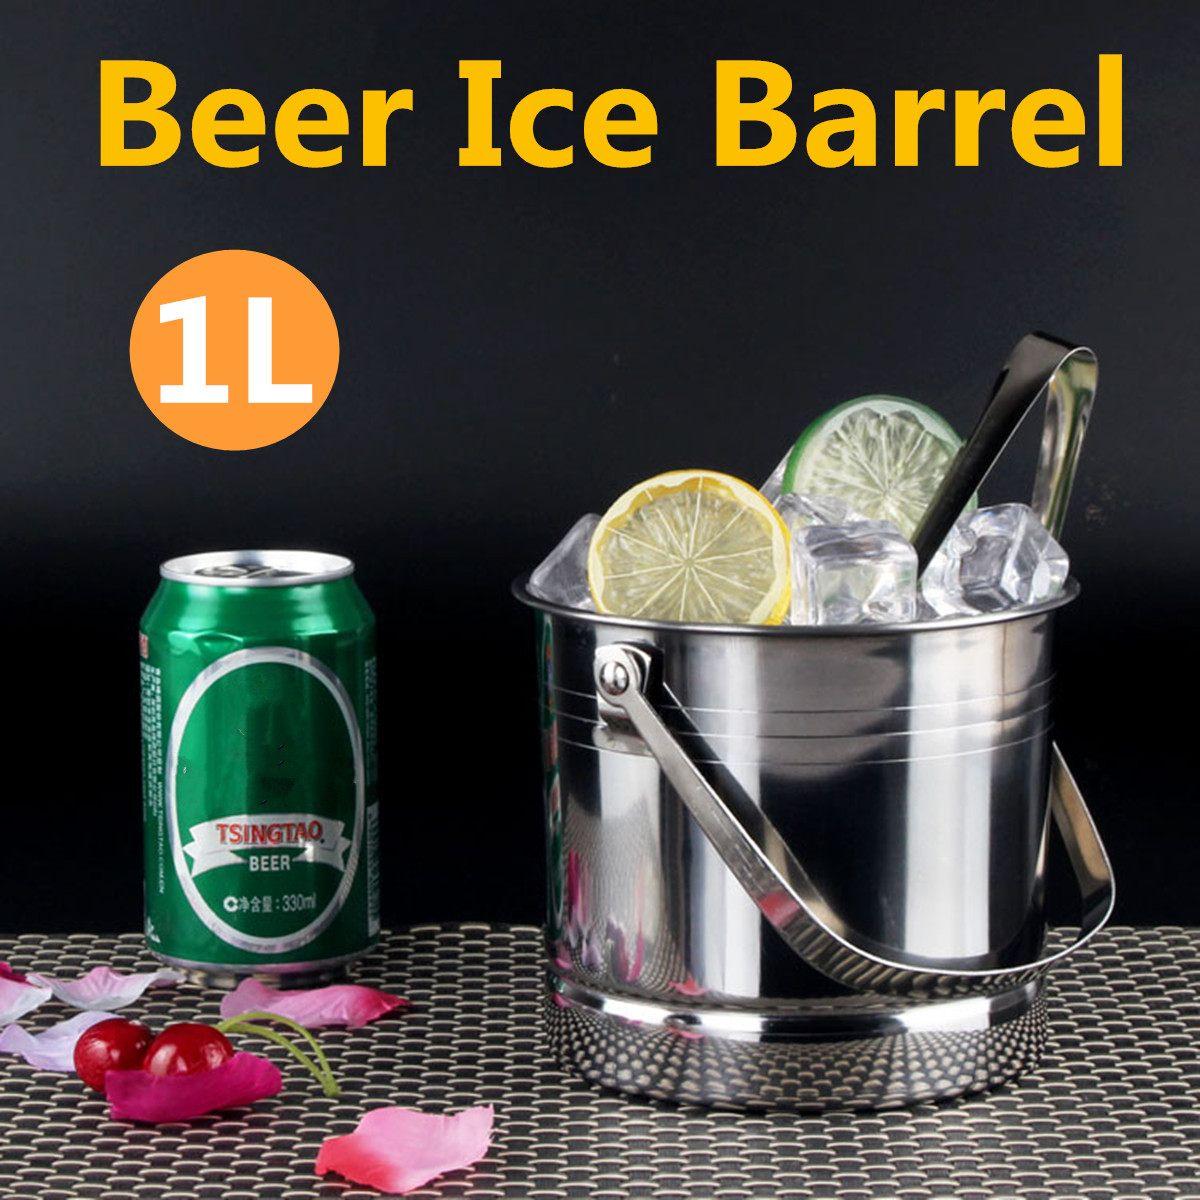 1l Draagbare Bier Ijsemmer Champagne Koeler Roestvrij Staal Met Handvat + Ijs Clip Praktische Bar Container Vat Bier Wijn